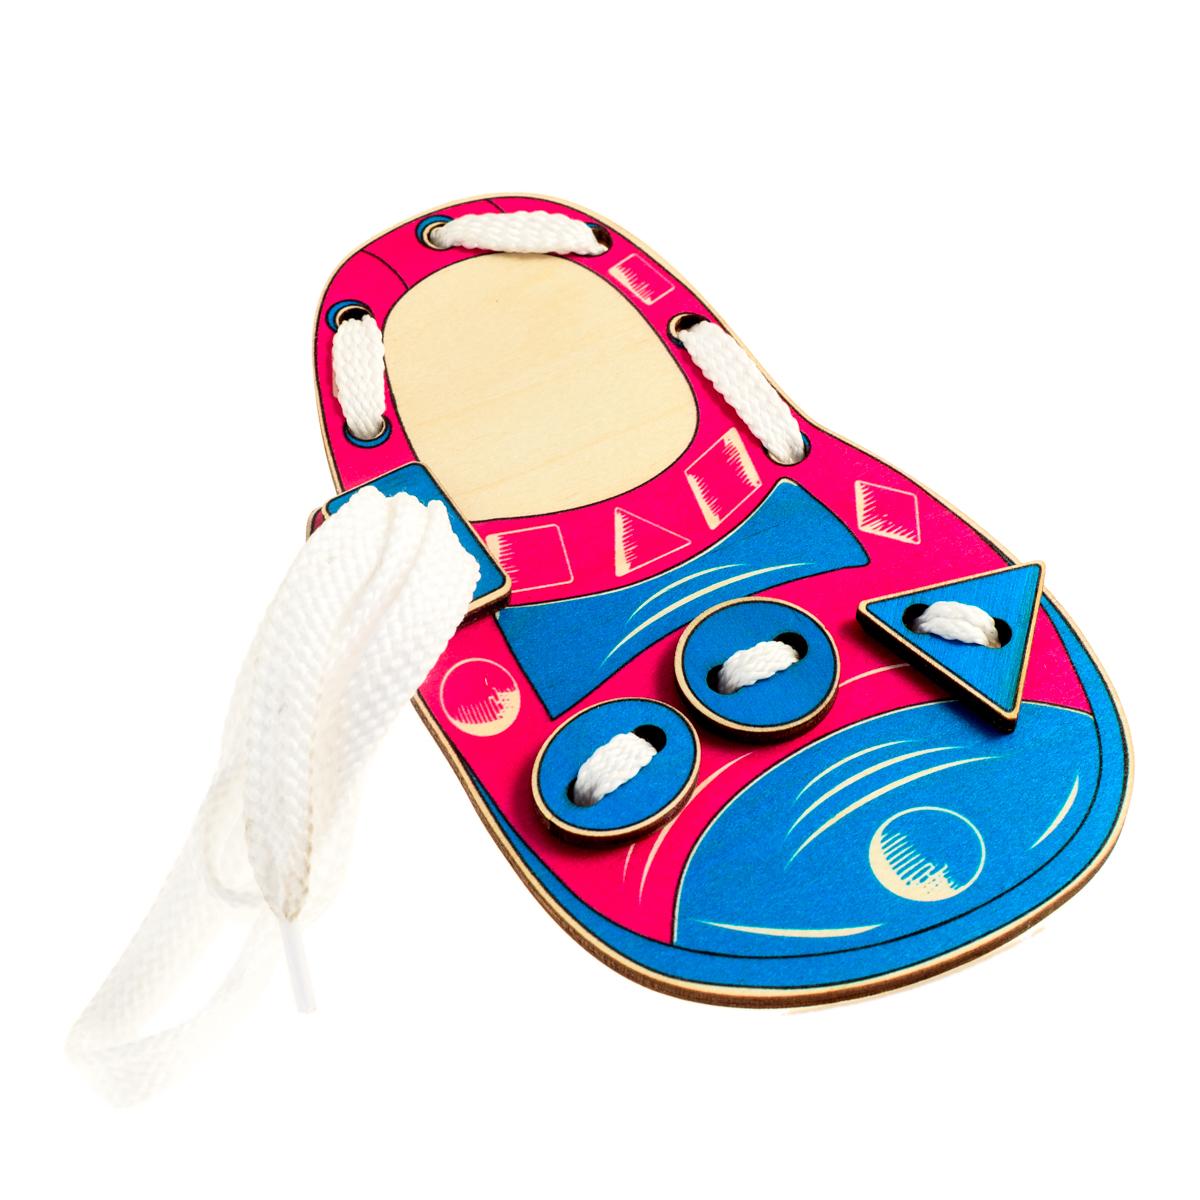 Развивающие деревянные игрушки Шнуровка Башмачок ФормыД507аШнуровка из качественных деревоматериалов - прекрасная игрушка для развития ребенка. Шнуровка-башмачок из обработатнной фанеры непременно станет любимой игрушкой любопытного непоседы. Шнуровка в виде детского сандалика не только послужит незаменимым пособием для развития моторики ребенка, но и познакомит его с геометрическими фигурами и формами. Насыщенные цвета и разнообразные формы будут стимулировать детское воображение и фантазию, развивать внимание, цветовое восприятие, моторику и координацию. ВНИМАНИЕ! Детали игрушки выполнены из натурального дерева (деревоматериала) без покрытия лаками или другими химическими составами. Перед использованием удалите остатки древесины и древесную пыль, тщательно протерев детали игрушки мягкой тканью!